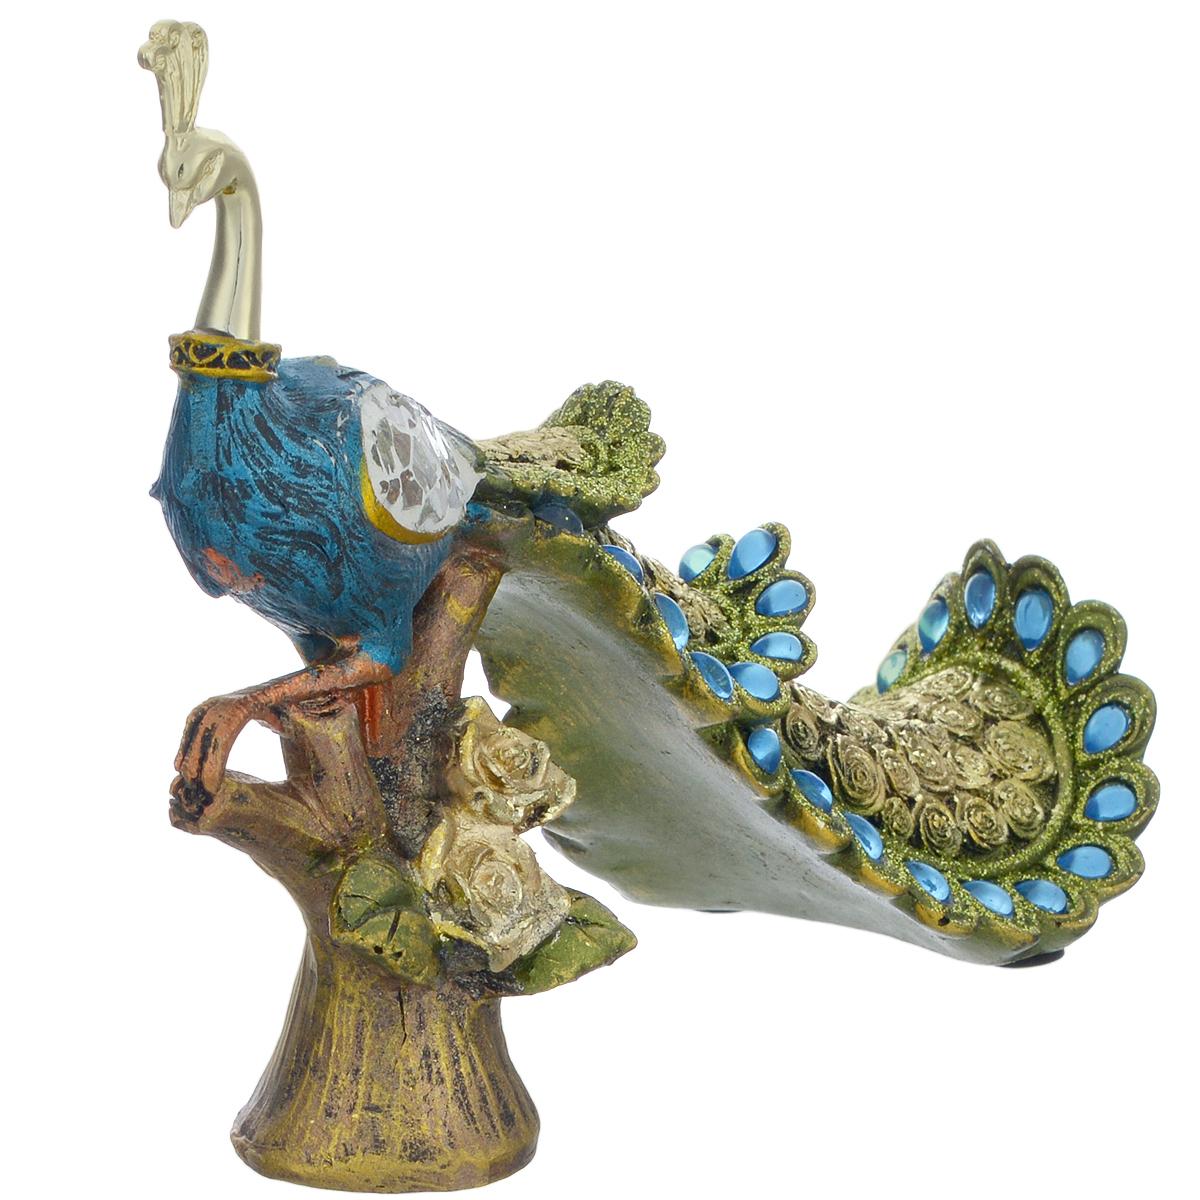 Фигурка декоративная Molento Райская птица, высота 14 см549-189Декоративная фигура Molento Райская птица, изготовленная из полистоуна, позволит вам украсить интерьер дома, рабочего кабинета или любого другого помещения оригинальным образом. Изделие, выполненное в виде павлина, оформлено рельефным рисунком, блестками, стразами и зеркальной россыпью. С такой декоративной фигурой вы сможете не просто внести в интерьер элемент оригинальности, но и создать атмосферу загадочности и изысканности. Размер фигурки: 19 см х 7 см х 20,5 см.